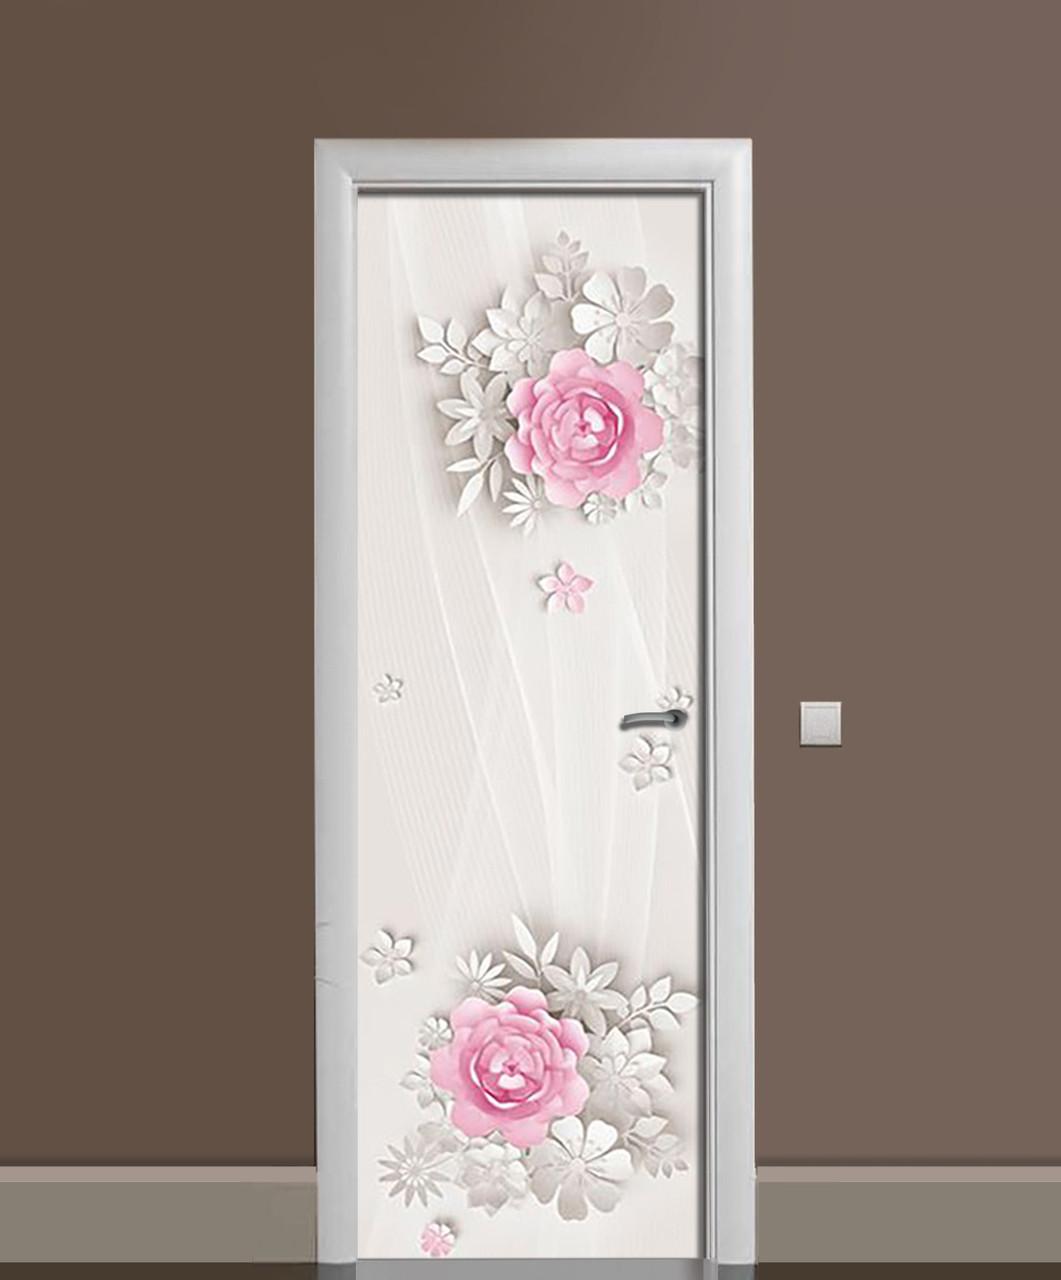 Виниловая наклейка на дверь Бумажные цветы ПВХ пленка с ламинацией 65*200см Абстракция Бежевый